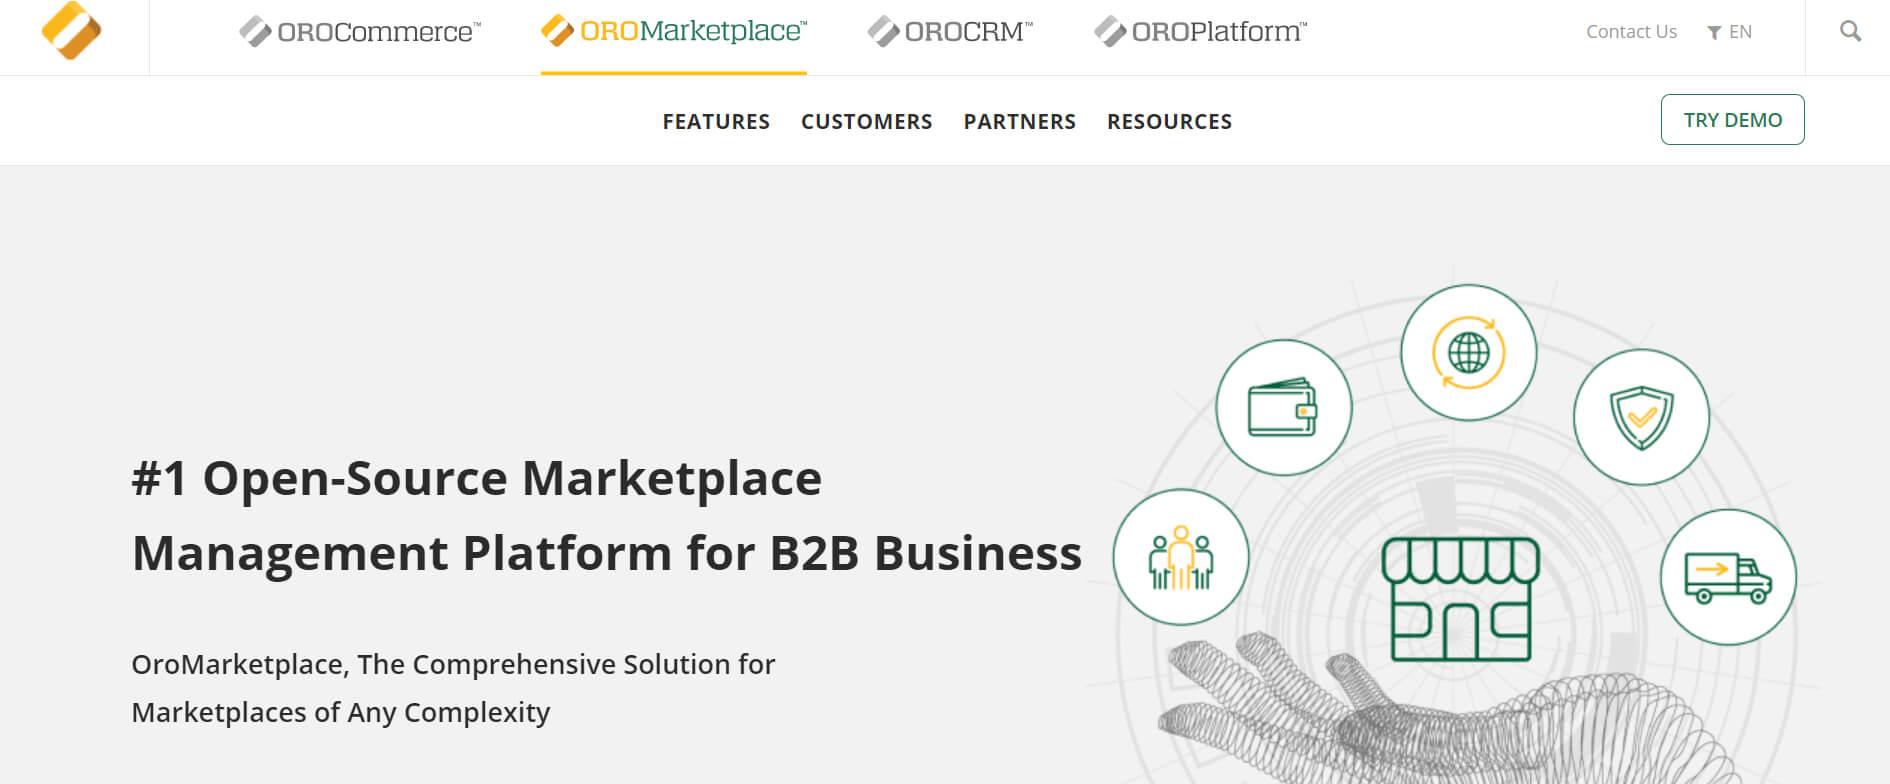 OroMarketplace  marketplace platform